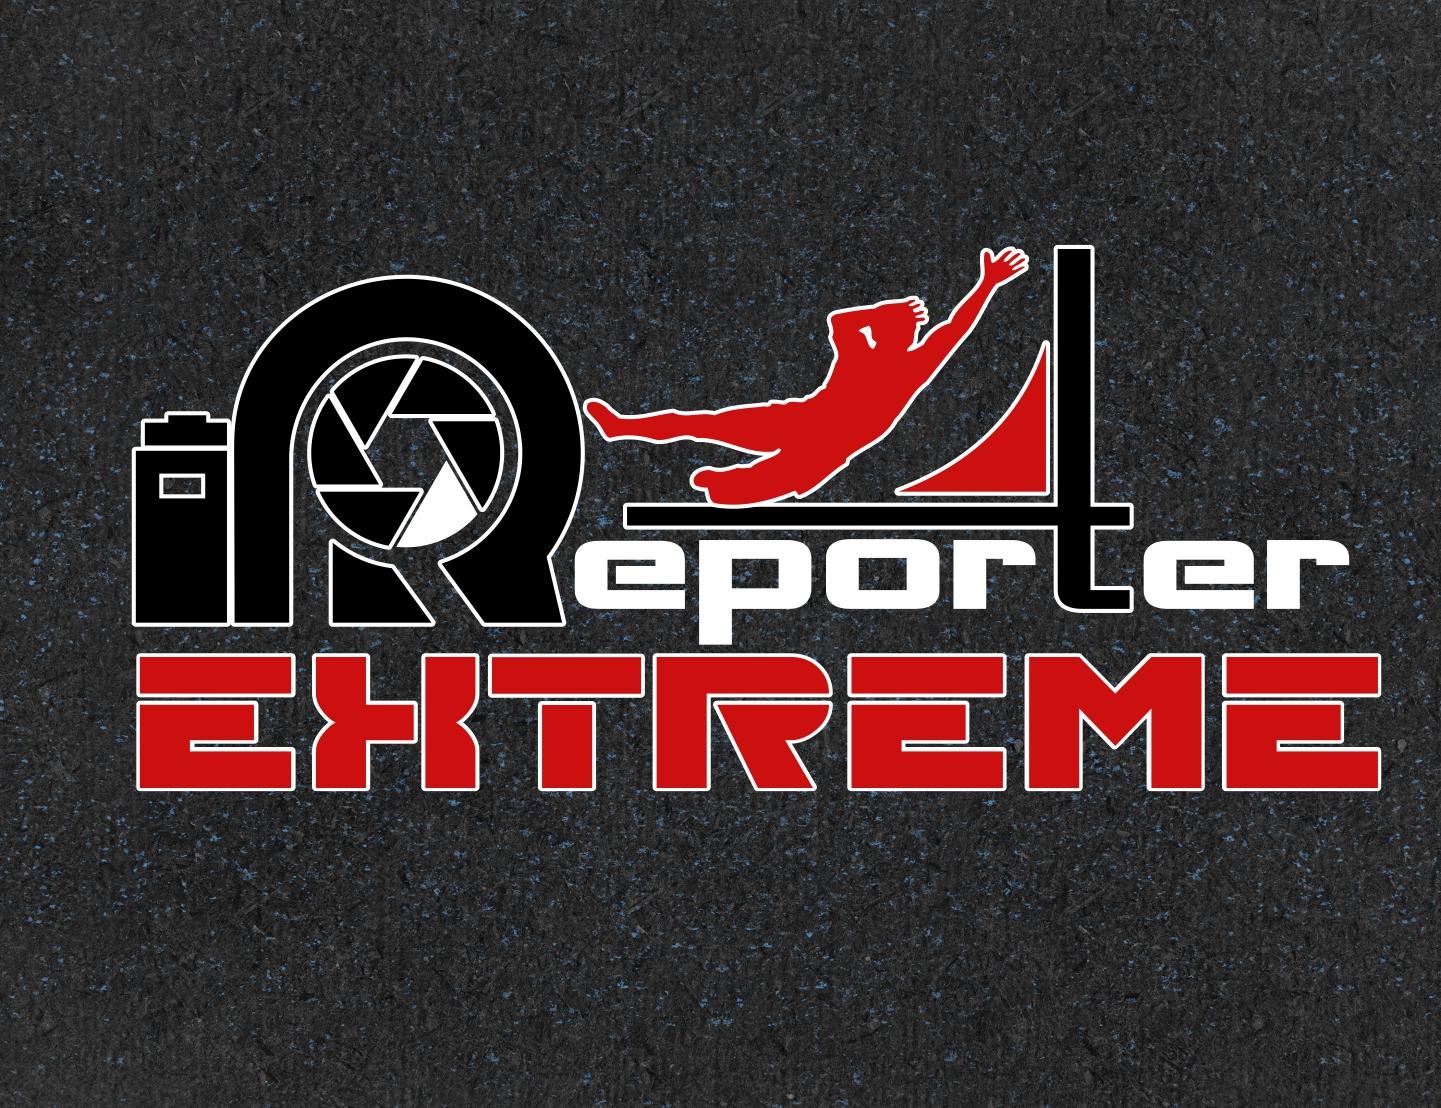 Логотип для экстрим фотографа.  фото f_5485a51f8b9a6484.jpg